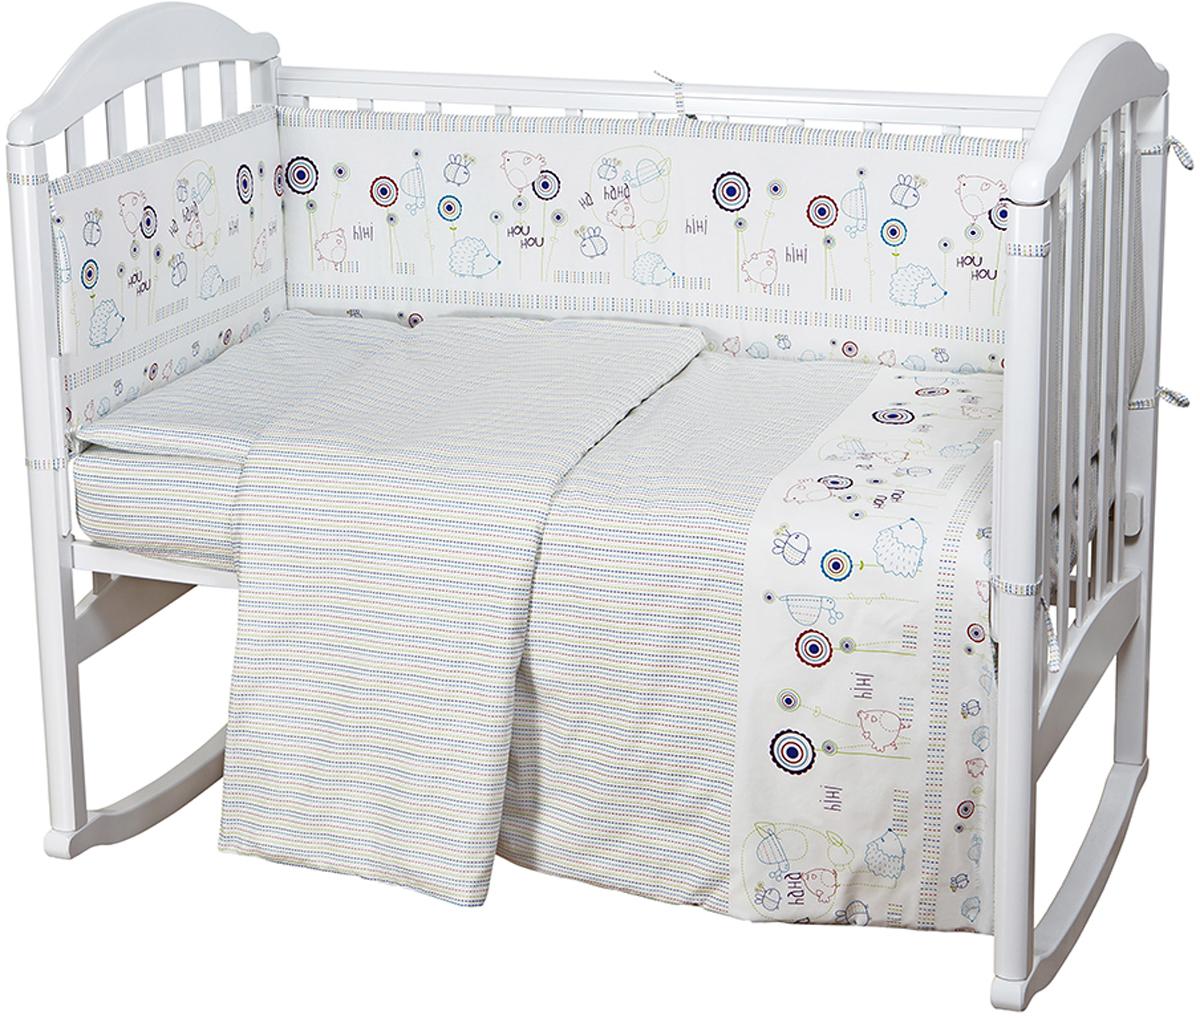 Baby Nice Комплект постельного белья детский Ежик цвет белый C611C611Постельное бельё, сшито из качественной бязи импортного производства. Бельё не деформируется, цвет не выстирывается.